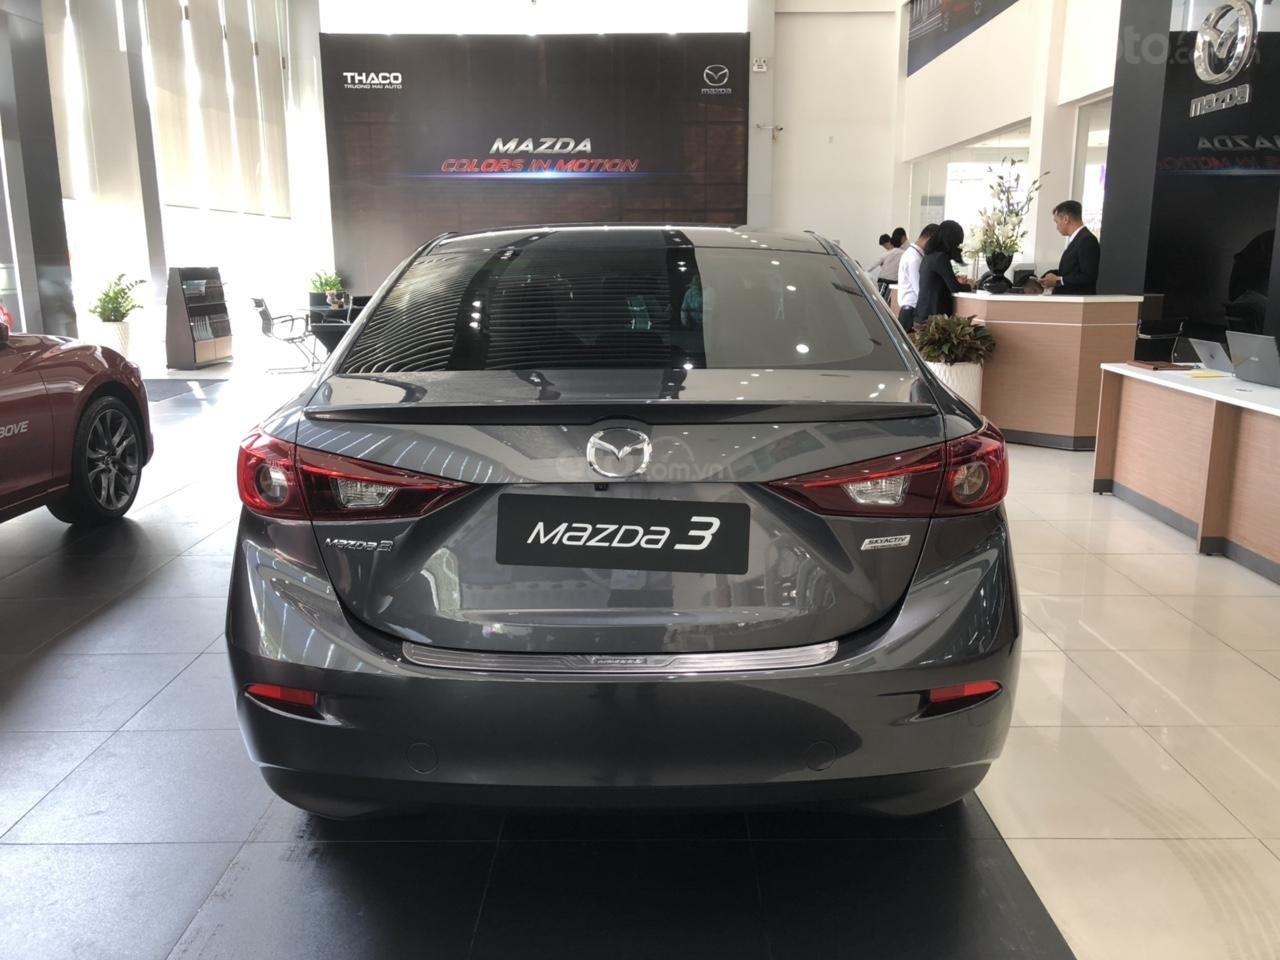 Bán Mazda 3 tại CN Bình Triệu - Khai trương ưu đãi khủng, ưu đãi shock khi mua xe (4)